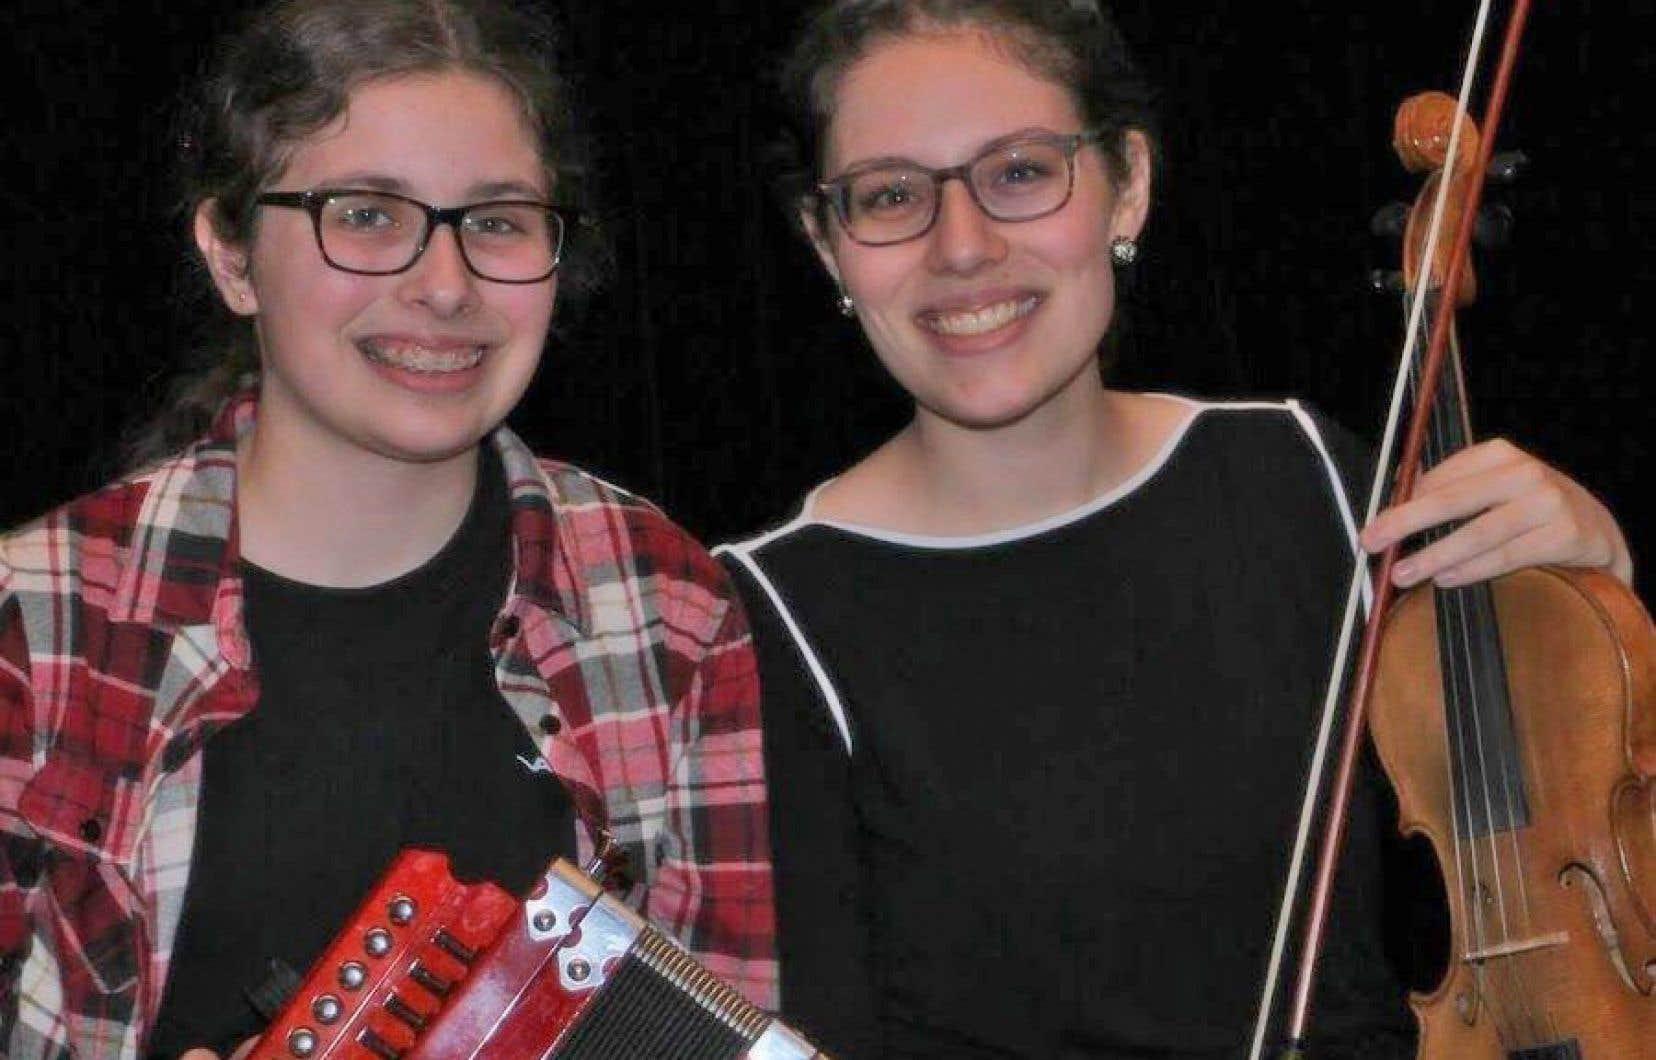 Les sœurs Nicol: Élisabeth, l'accordéoniste (à gauche), et Virginie, la violoniste, qui ont d'abord suivi des cours de piano classique avant d'embrasser la musique trad